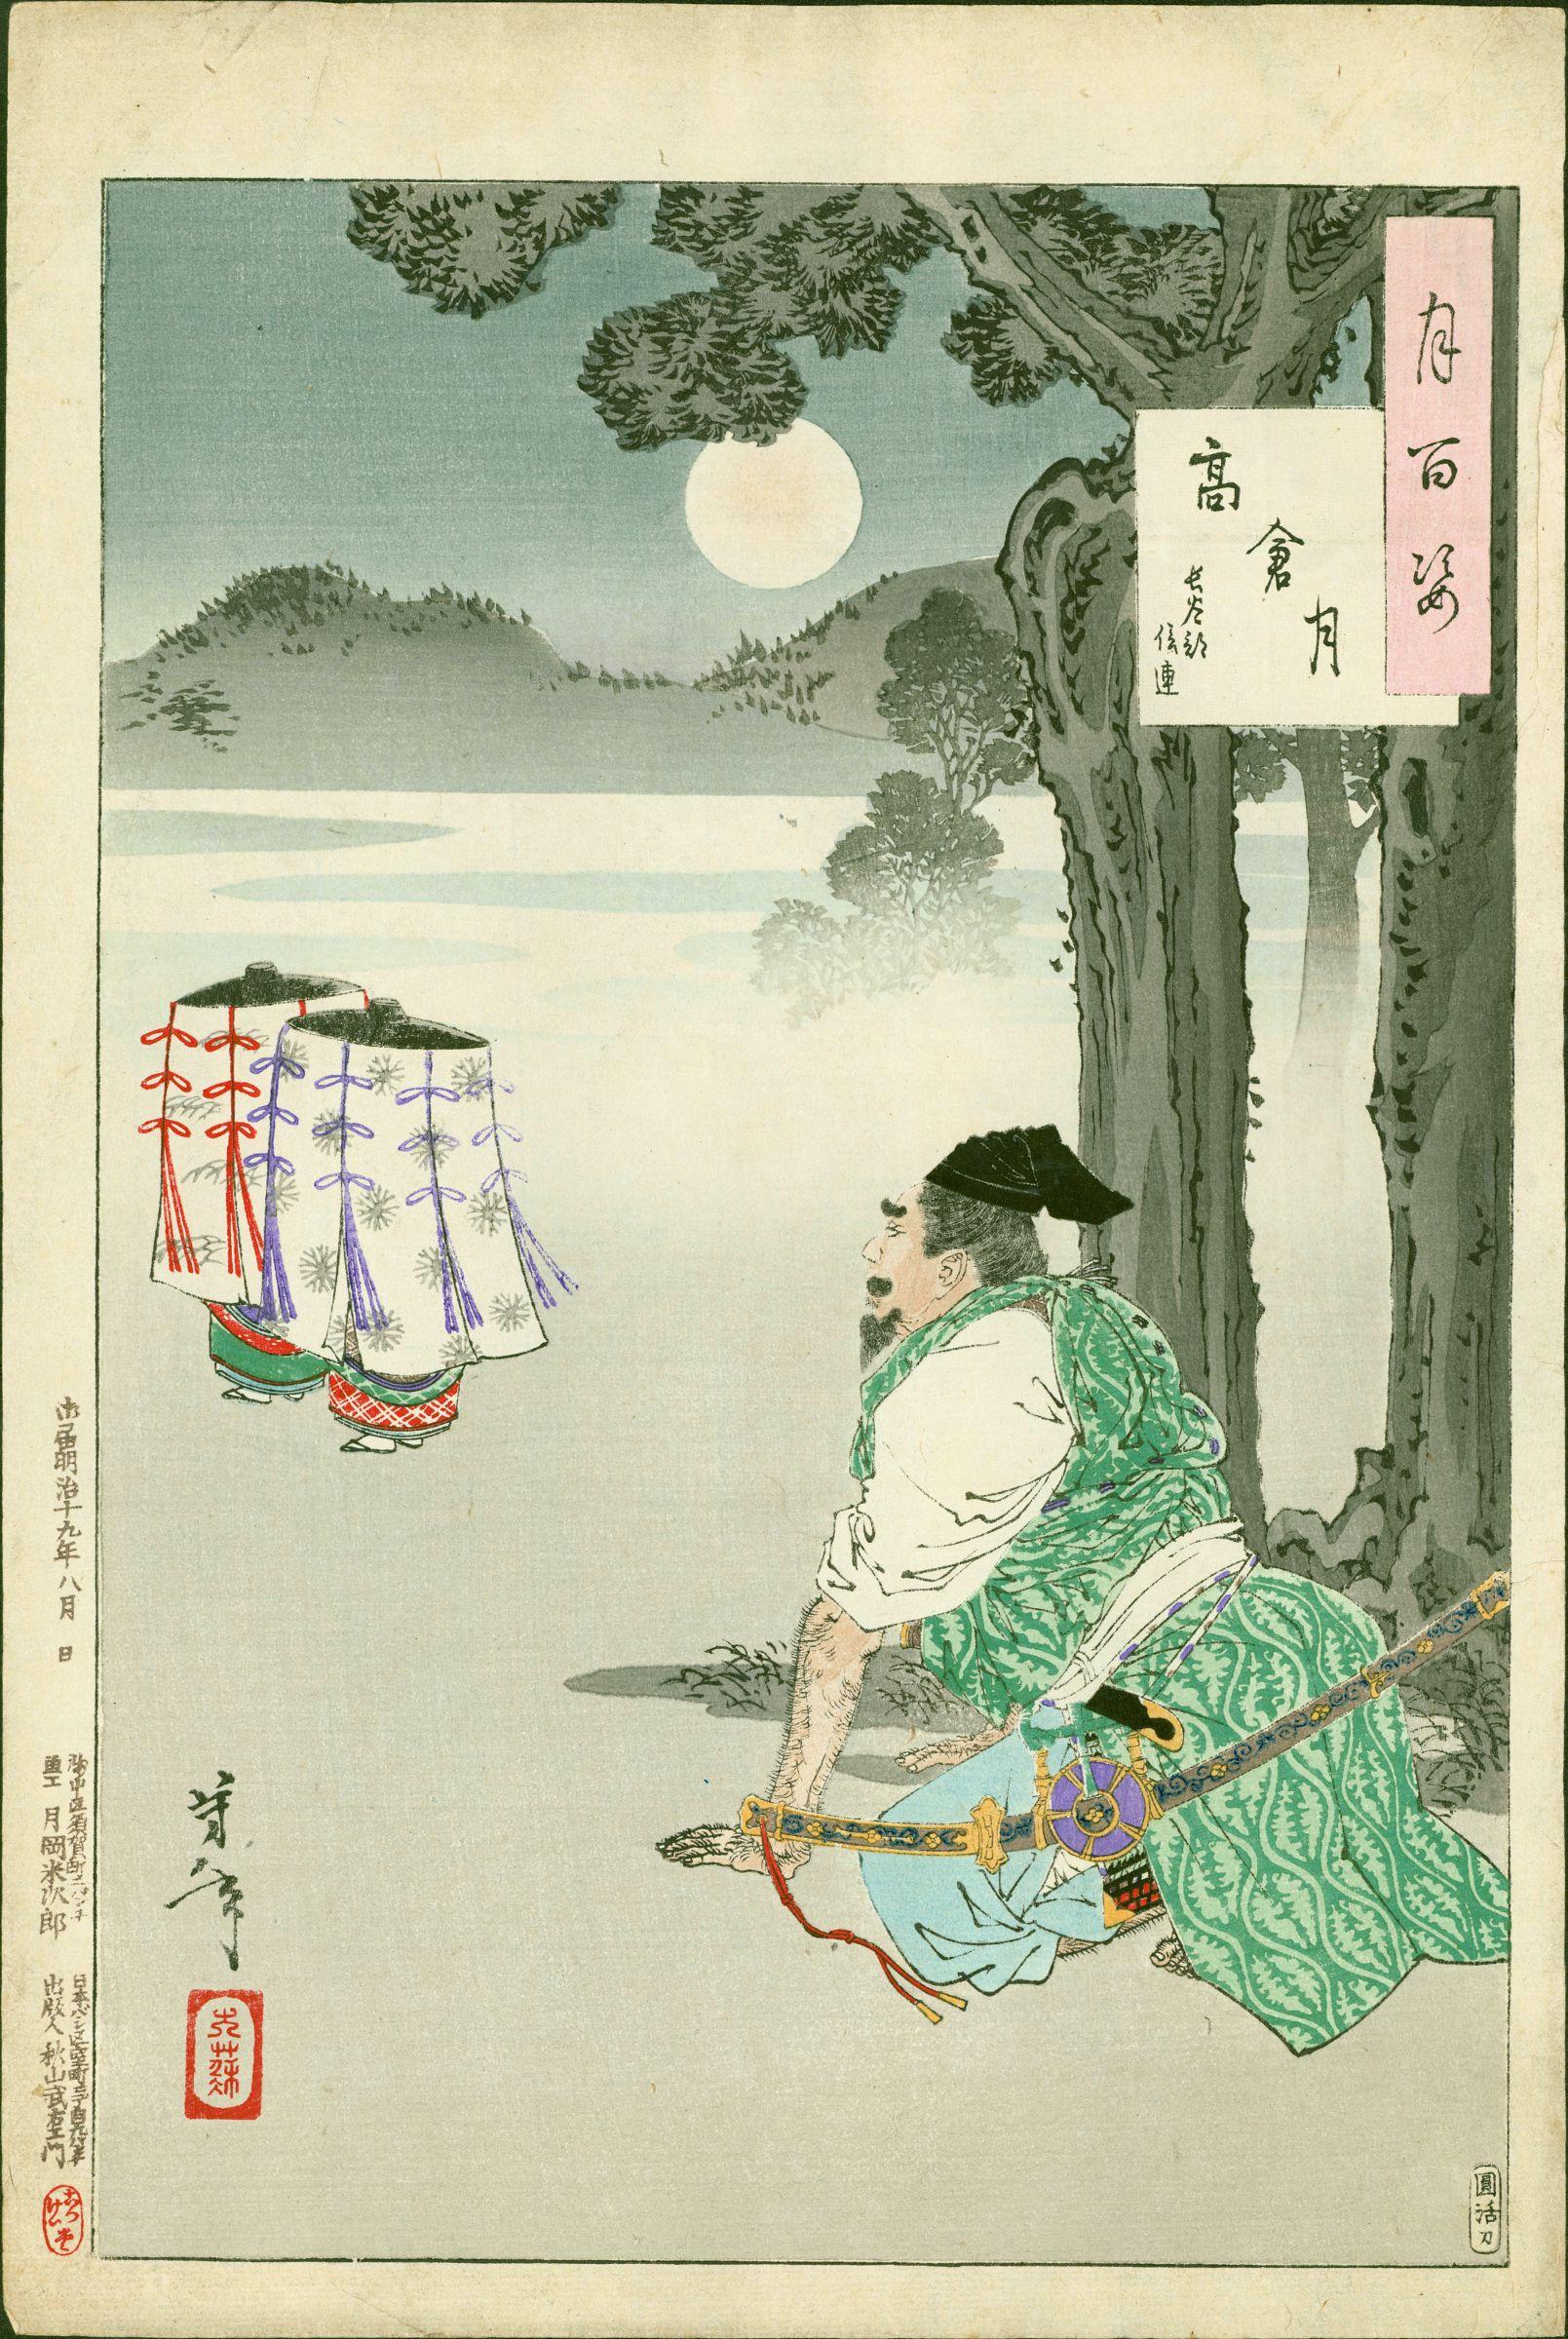 Yoshitoshi Tsukioka Japanese Woodblock Print - Takakura Moon